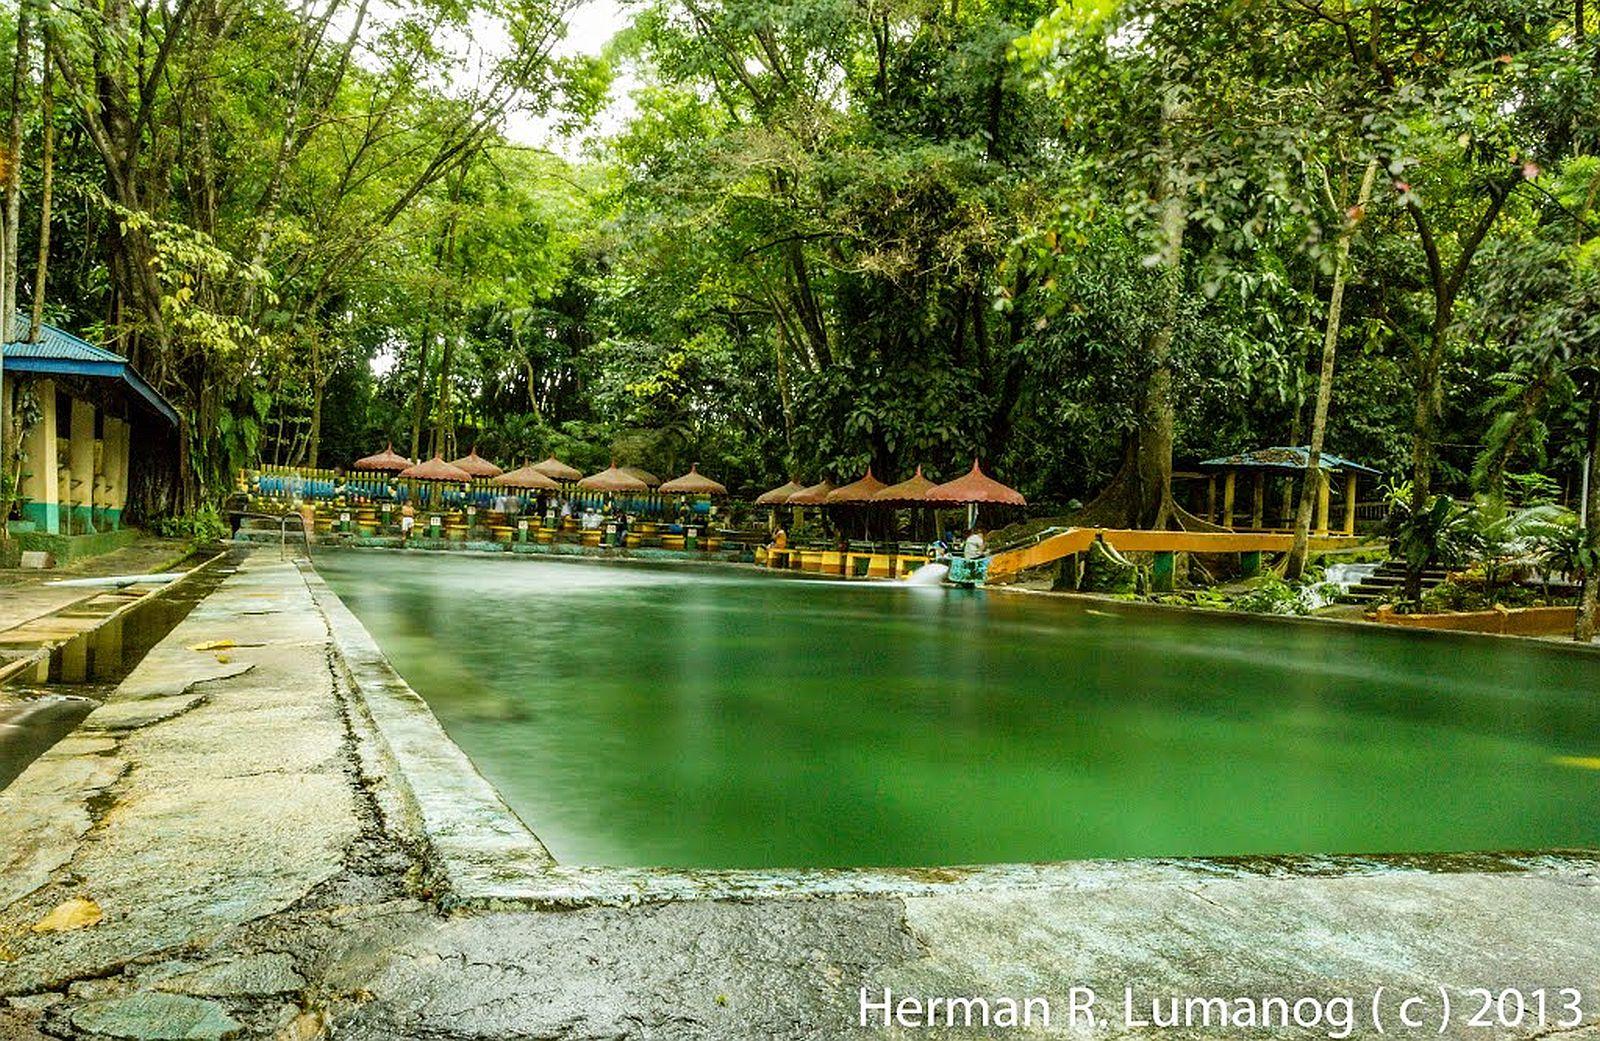 PHILIPPINEN REISEN - ORTE - MINDANAO - BUKIDNON - Touristische Beschreibung für den Ort Quezon